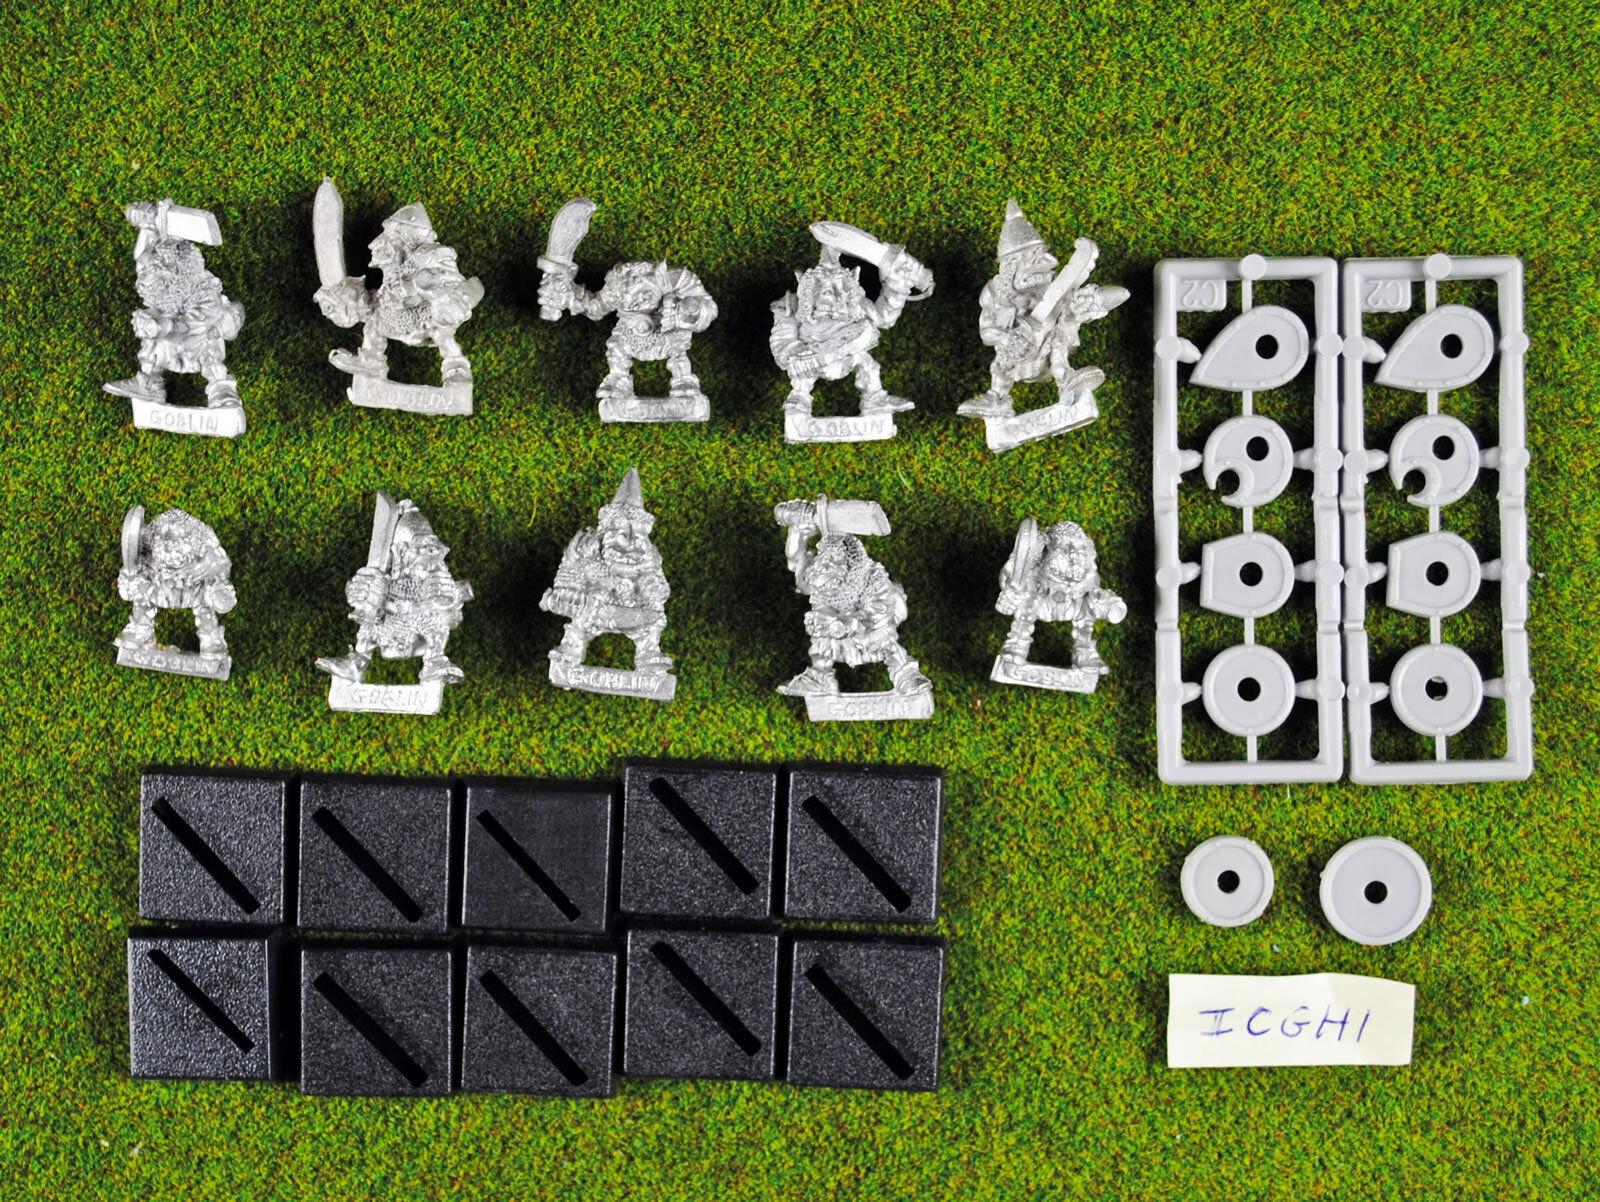 Warhammer Iron Claw Goblins (10 Loose) - Metal OOP - Citadel Goblin - Bob Olley